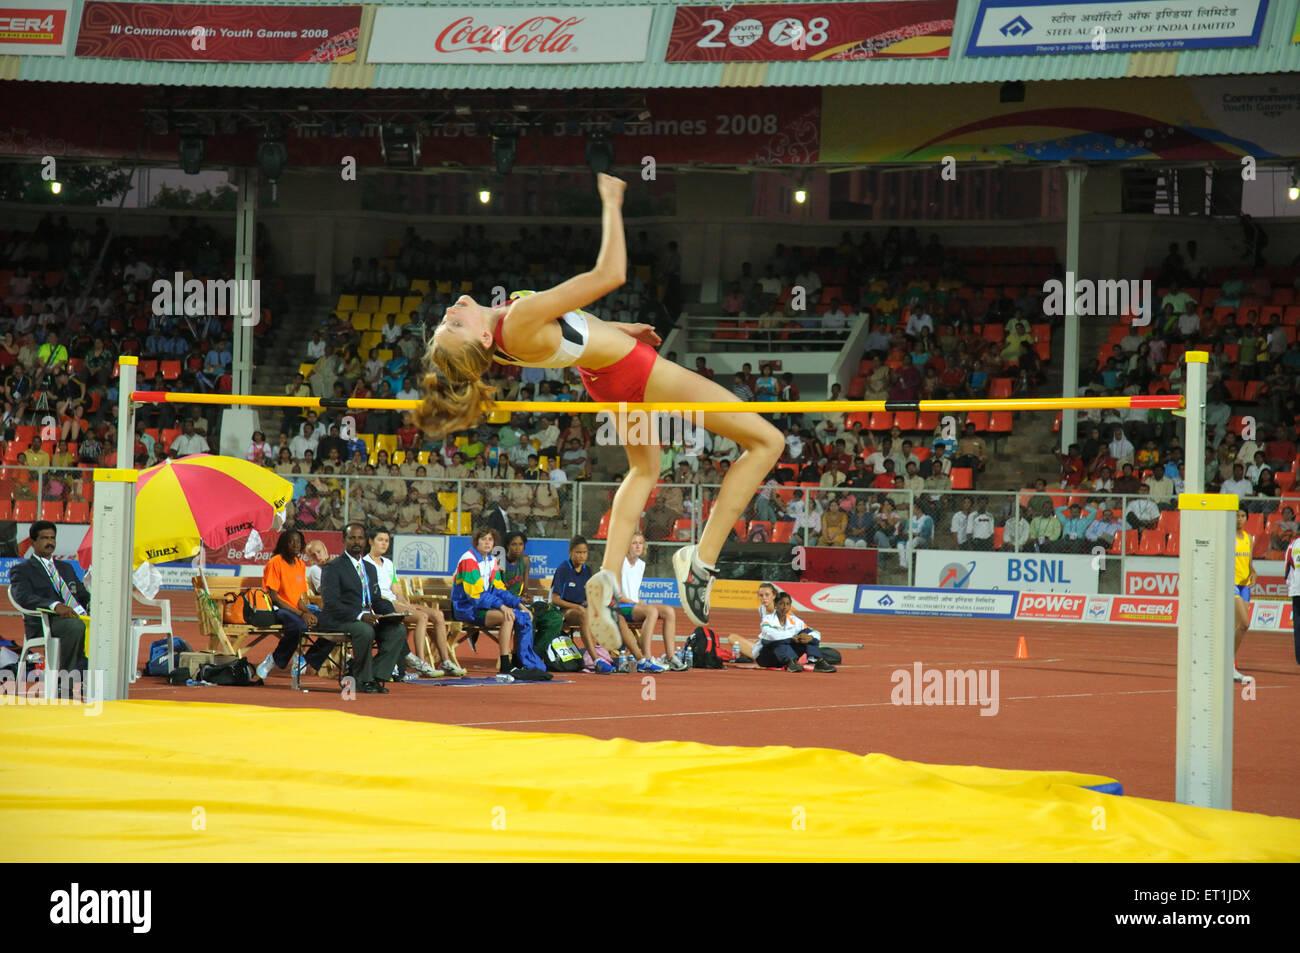 Faire de l'athlète de saut en hauteur; Pune Maharashtra; Inde; 15 octobre 2008 NOMR Photo Stock